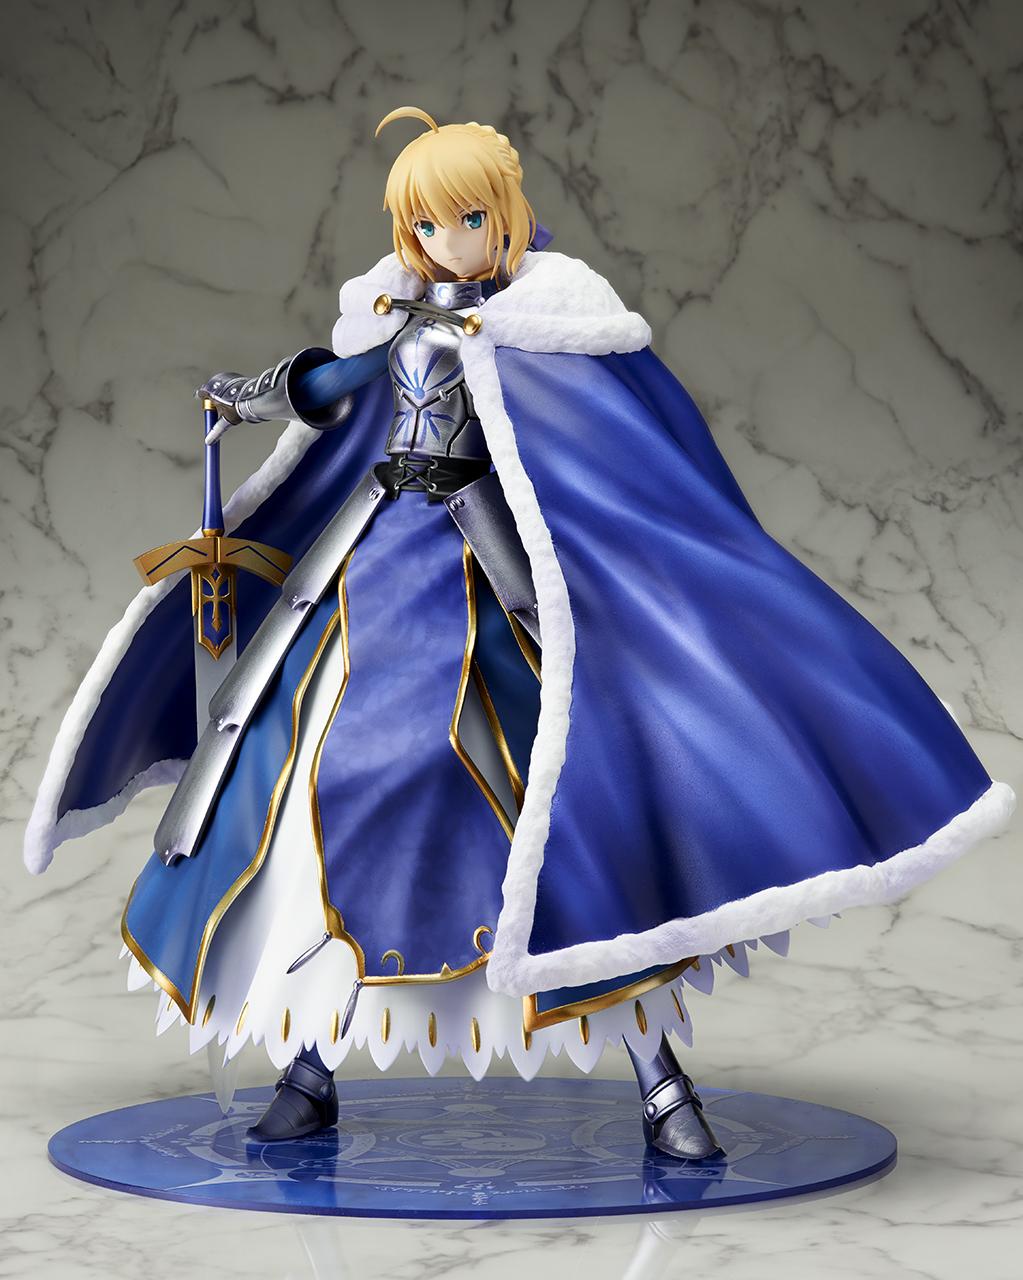 Fate/Grand Order - Saber Arturia Pendragon 1/7 Scale Figure Standard Edition (Limited Pre-order)